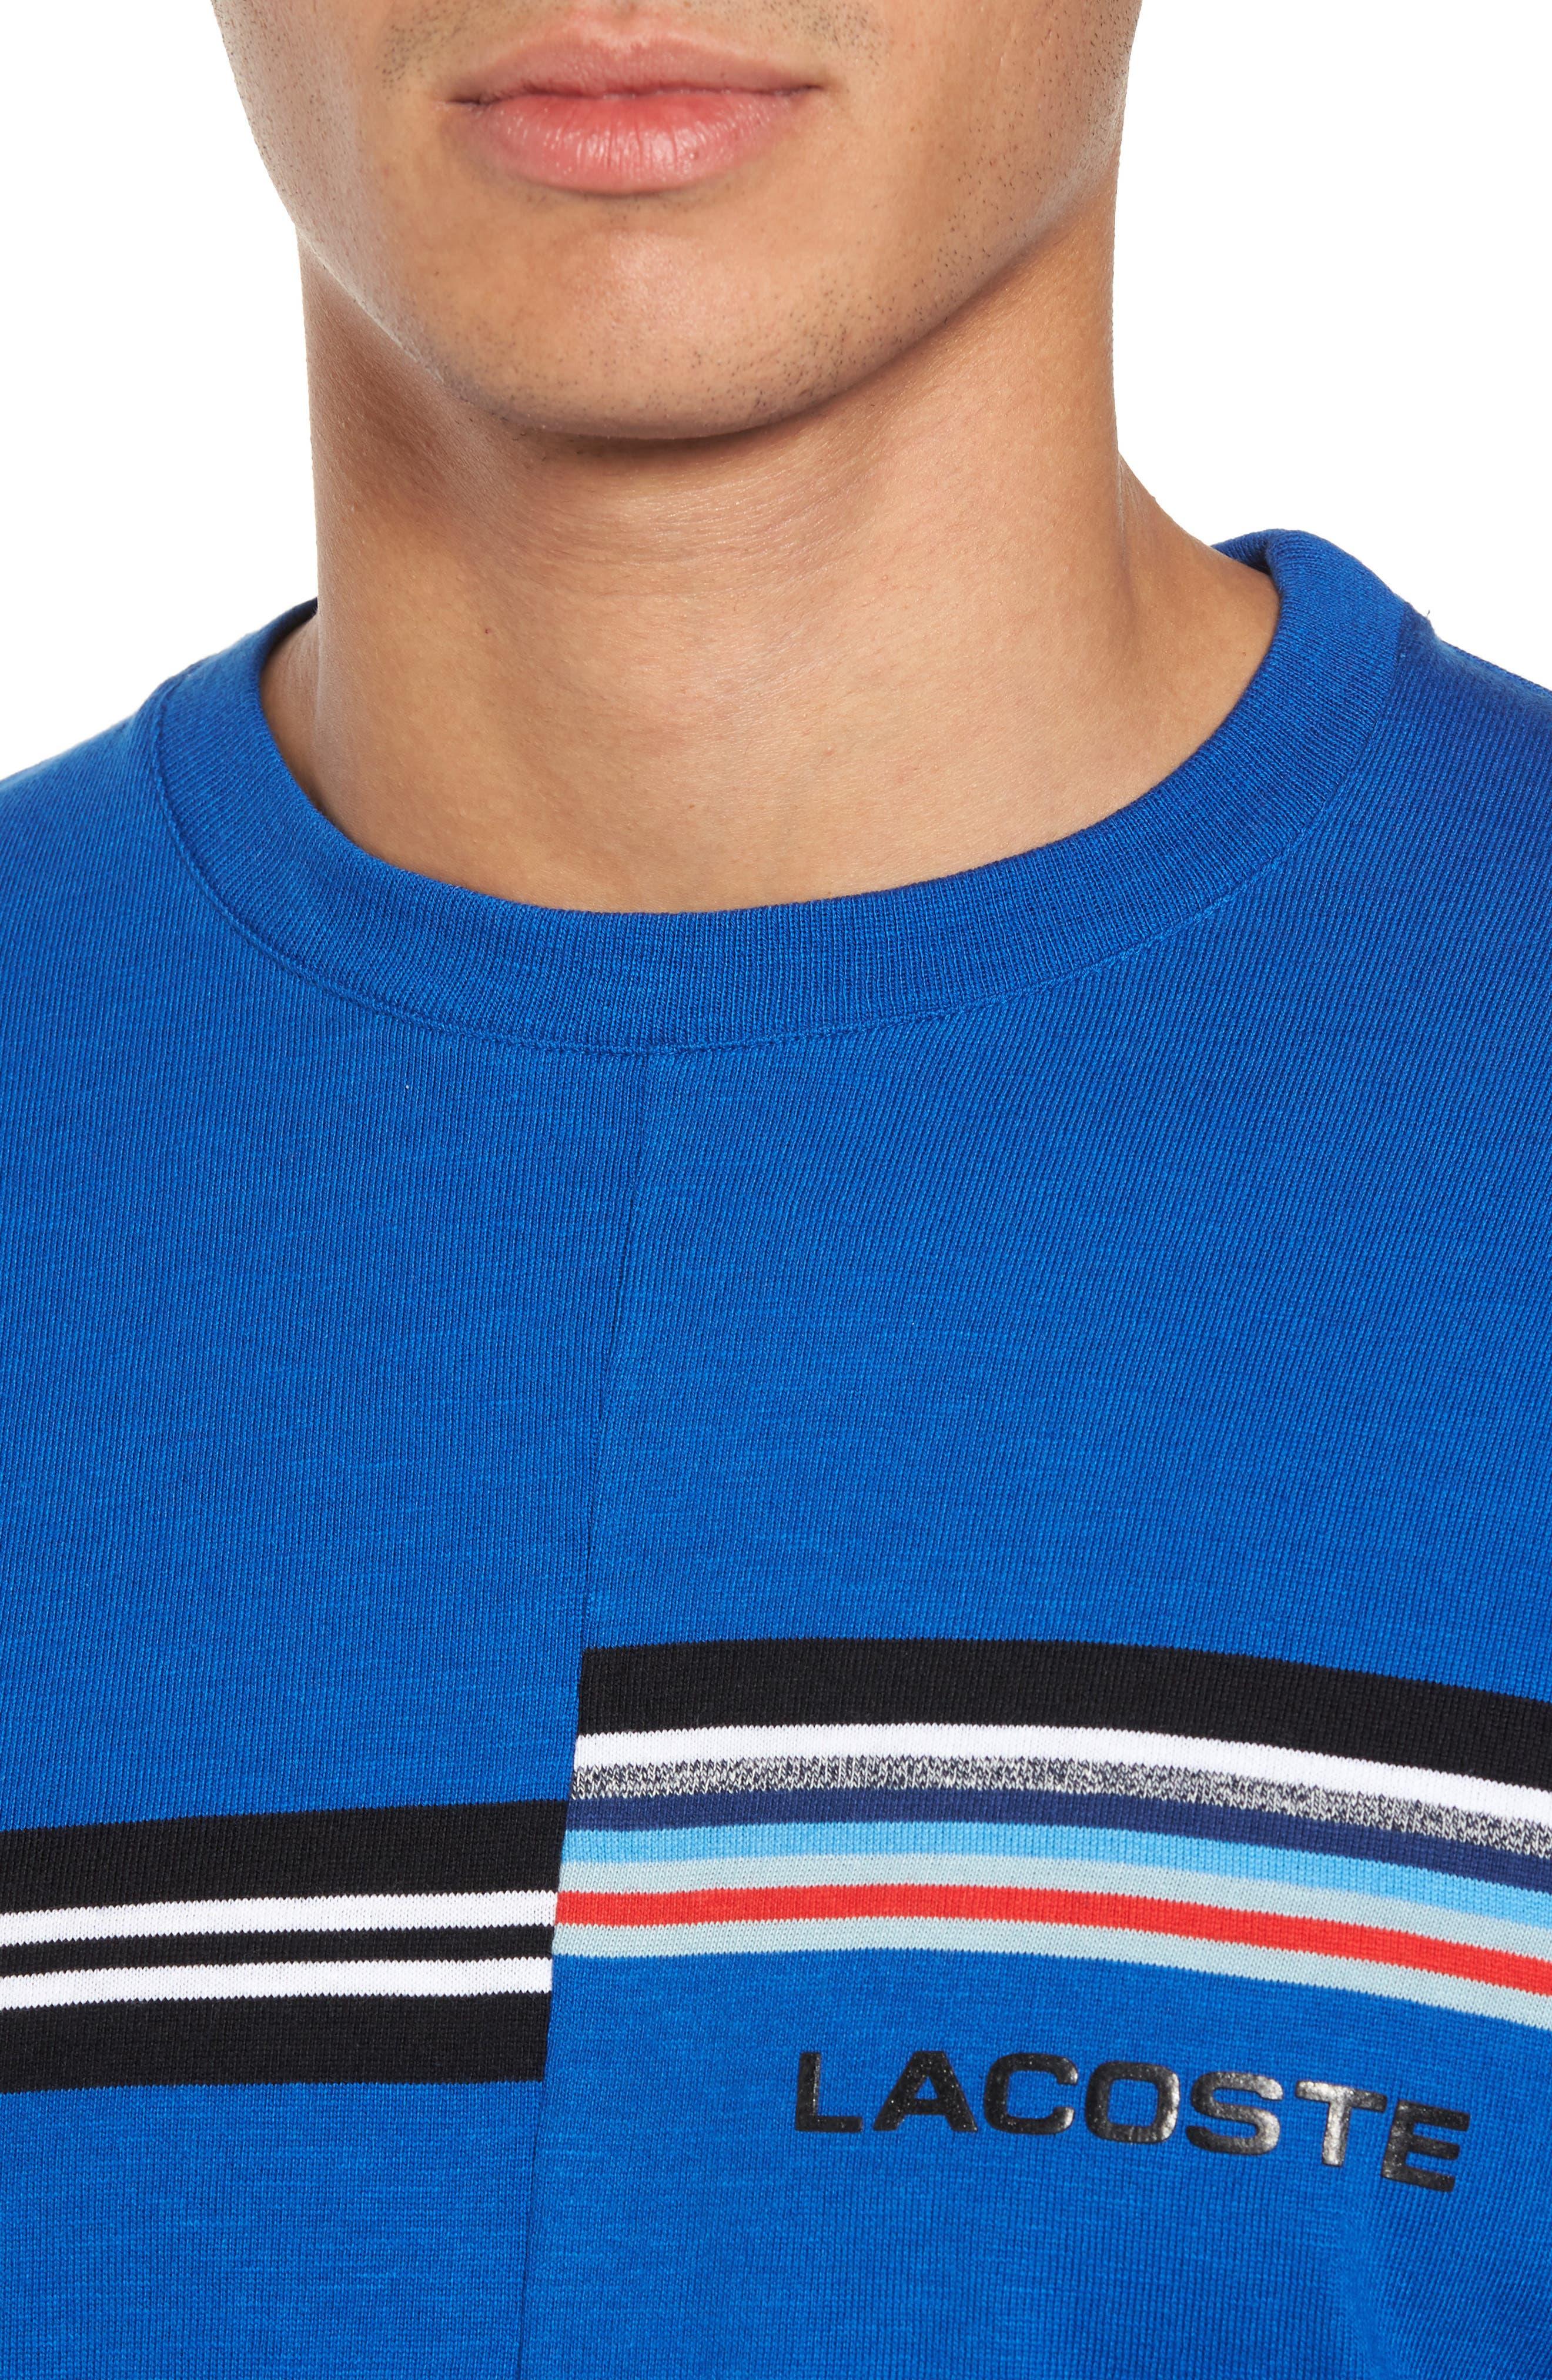 Mouline T-Shirt,                             Alternate thumbnail 4, color,                             Qzp Royal/ Multico